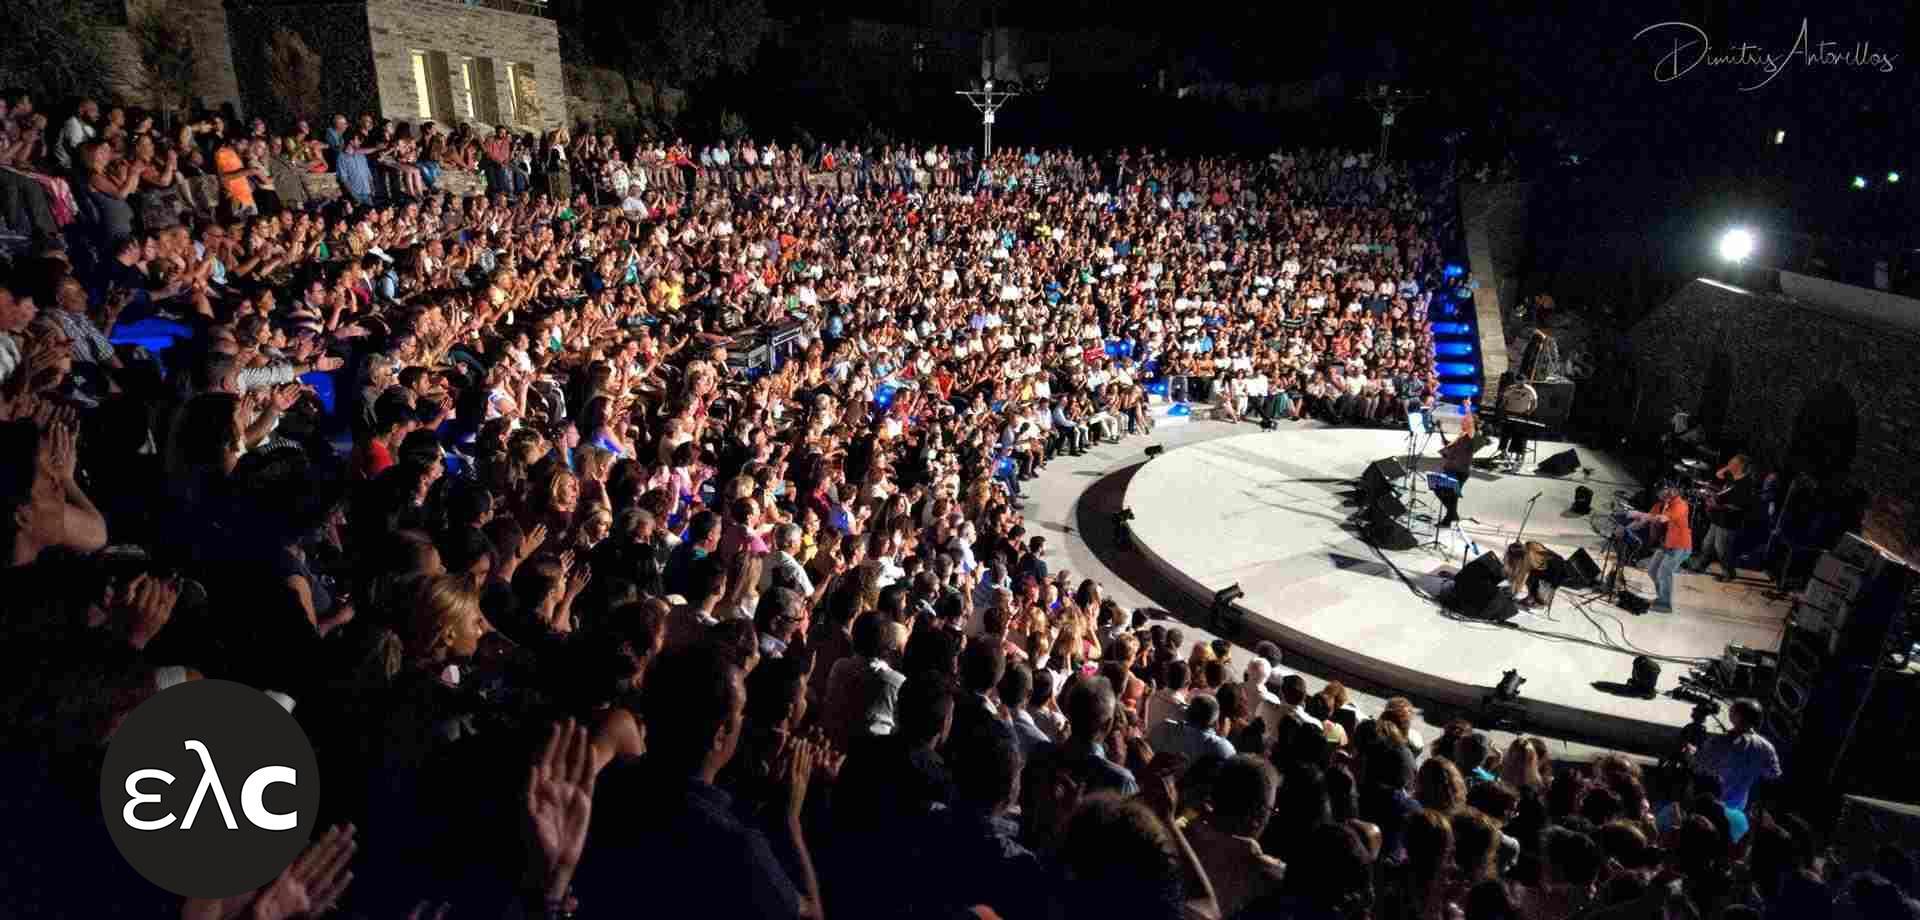 7ο Διεθνές Φεστιβάλ Άνδρου - Φεστιβάλ - elculture.gr